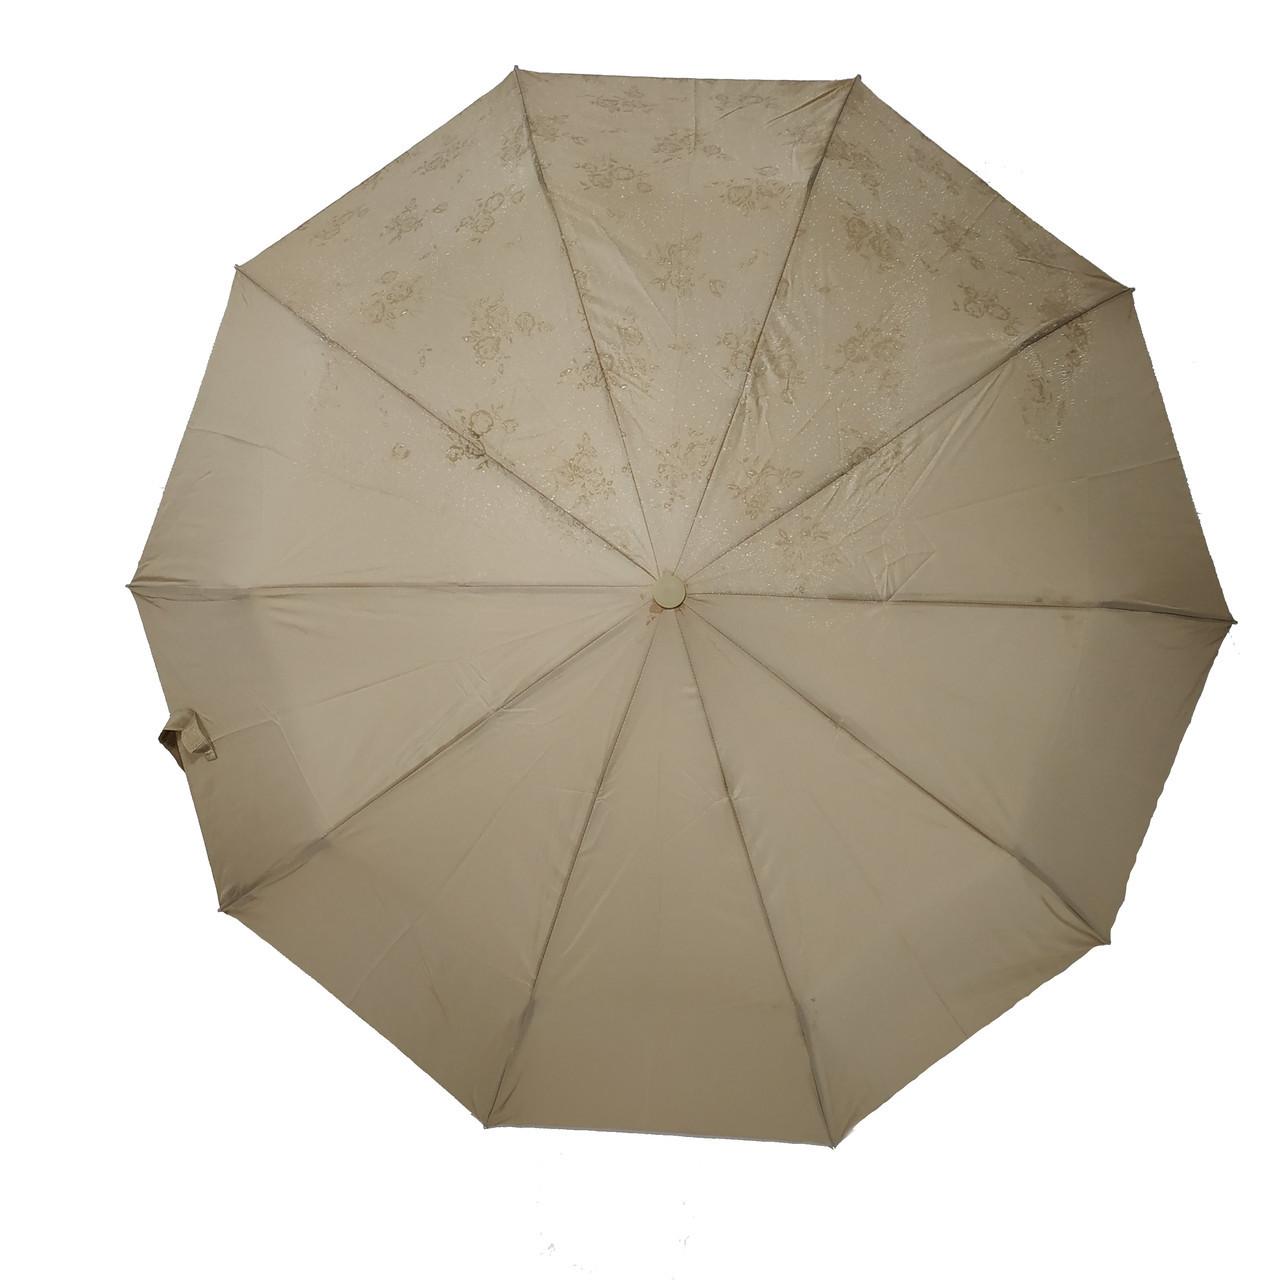 Жіночий парасольку Bellisimo напівавтомат на 10 спиць Бежевий (461-1)